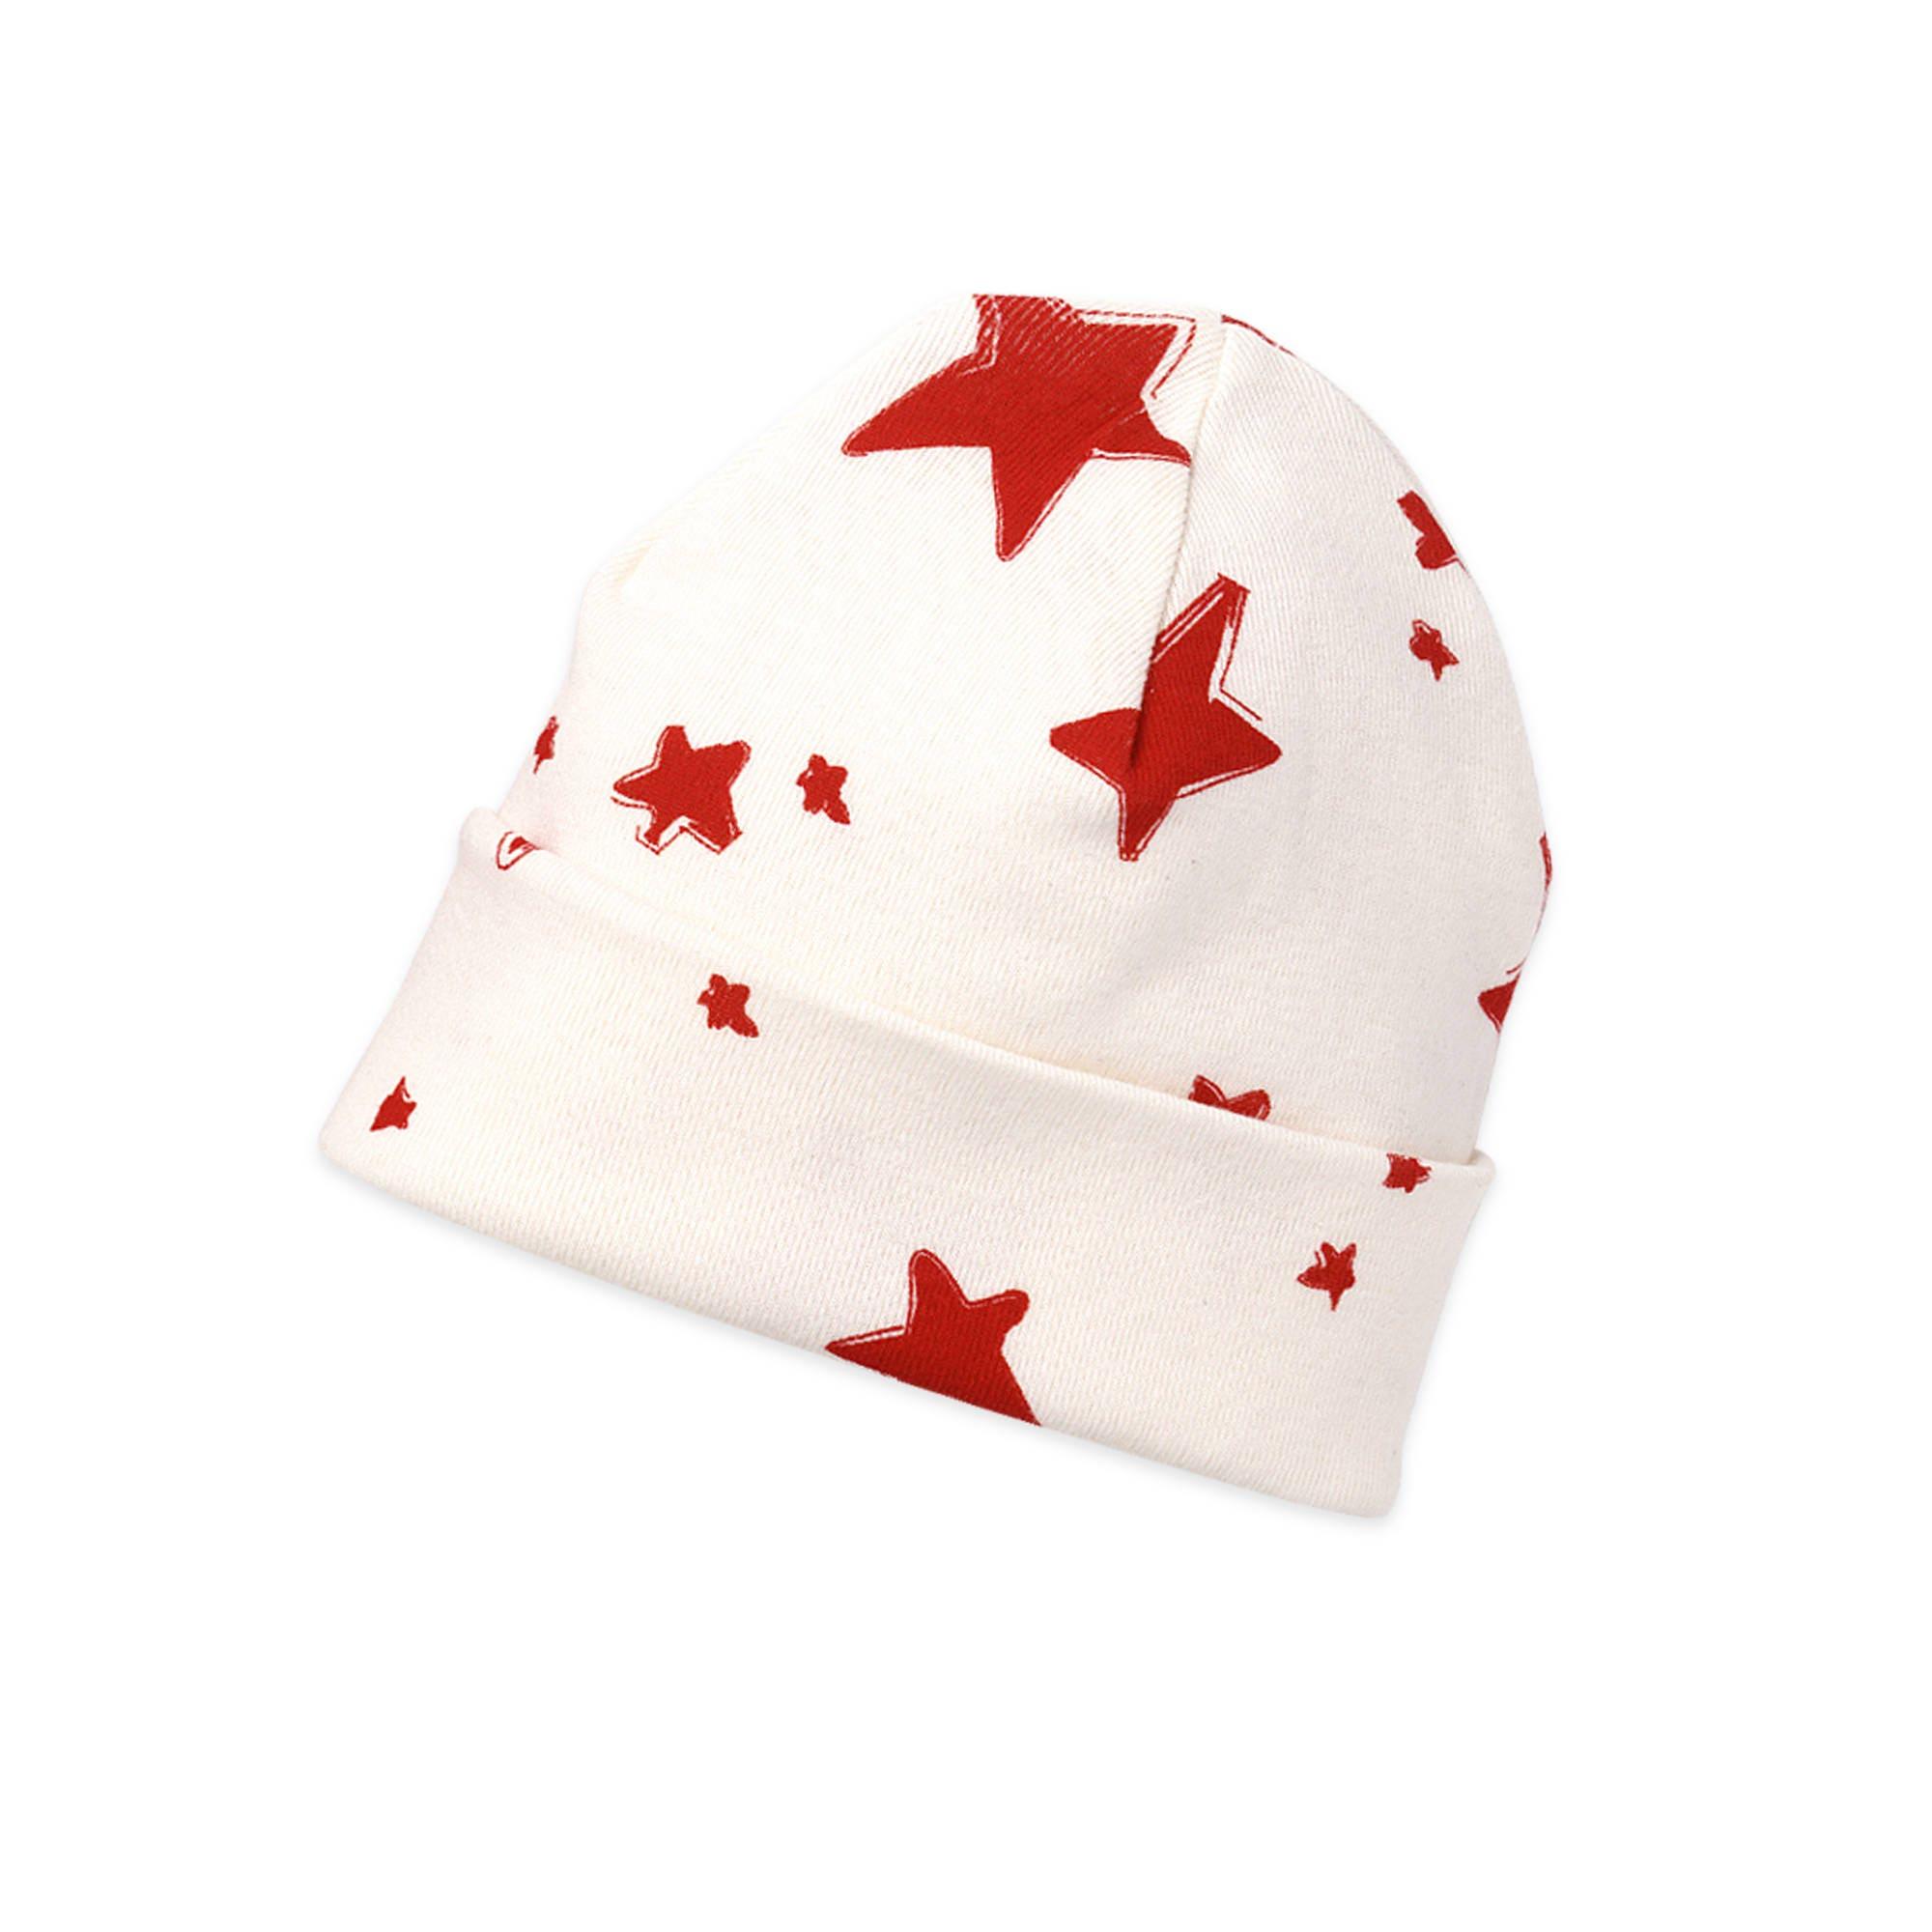 SALE 50% Off! Newborn Red Stars Hat b8f65d1af2d